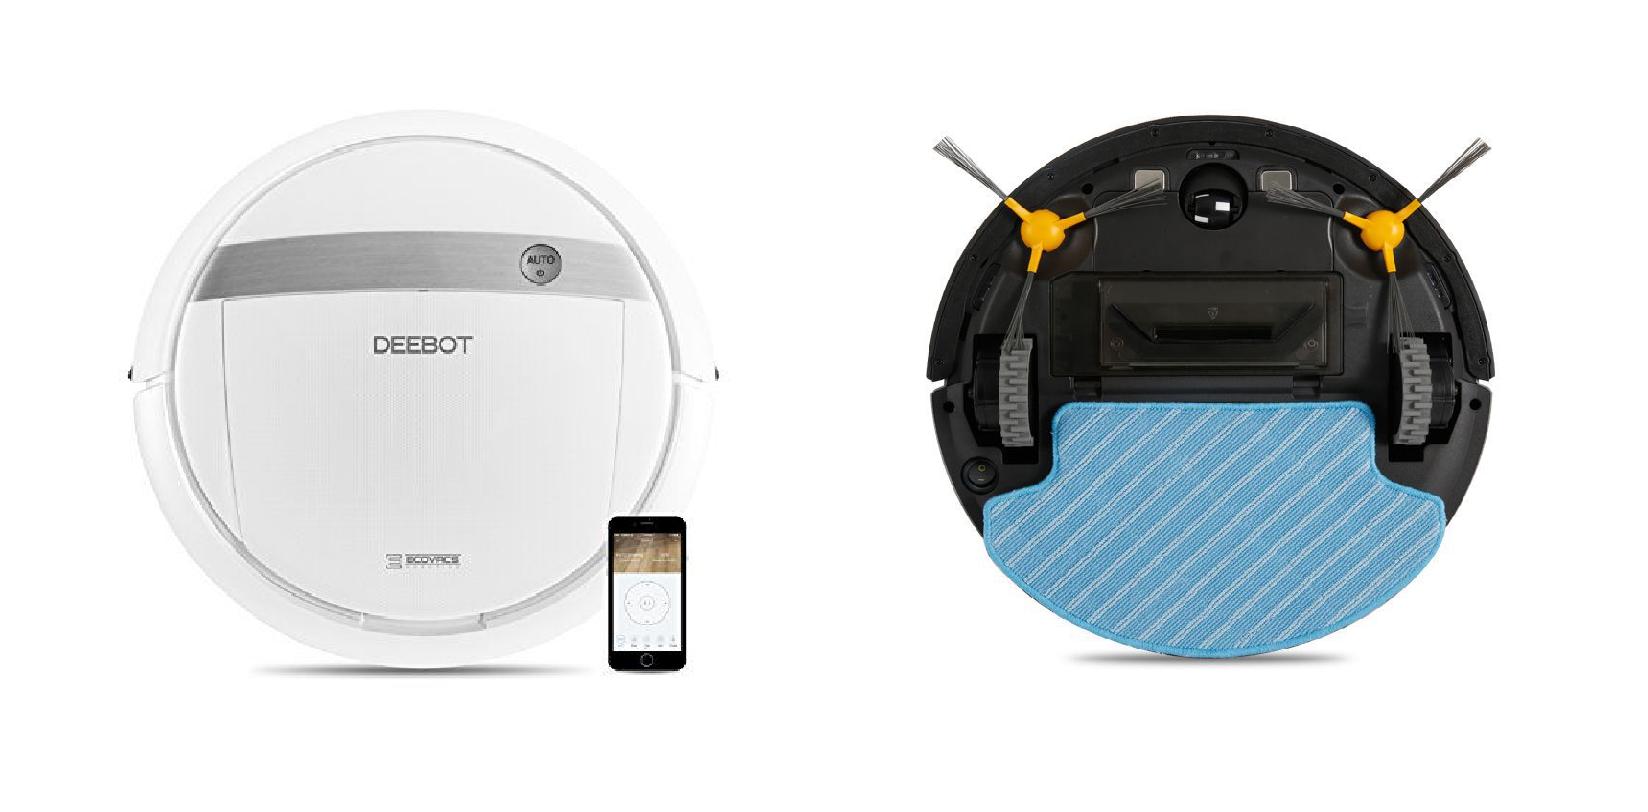 Ecovacs Deebot DG711 - Robot hút bụi lau nhà mang nhiều trải nghiệm th